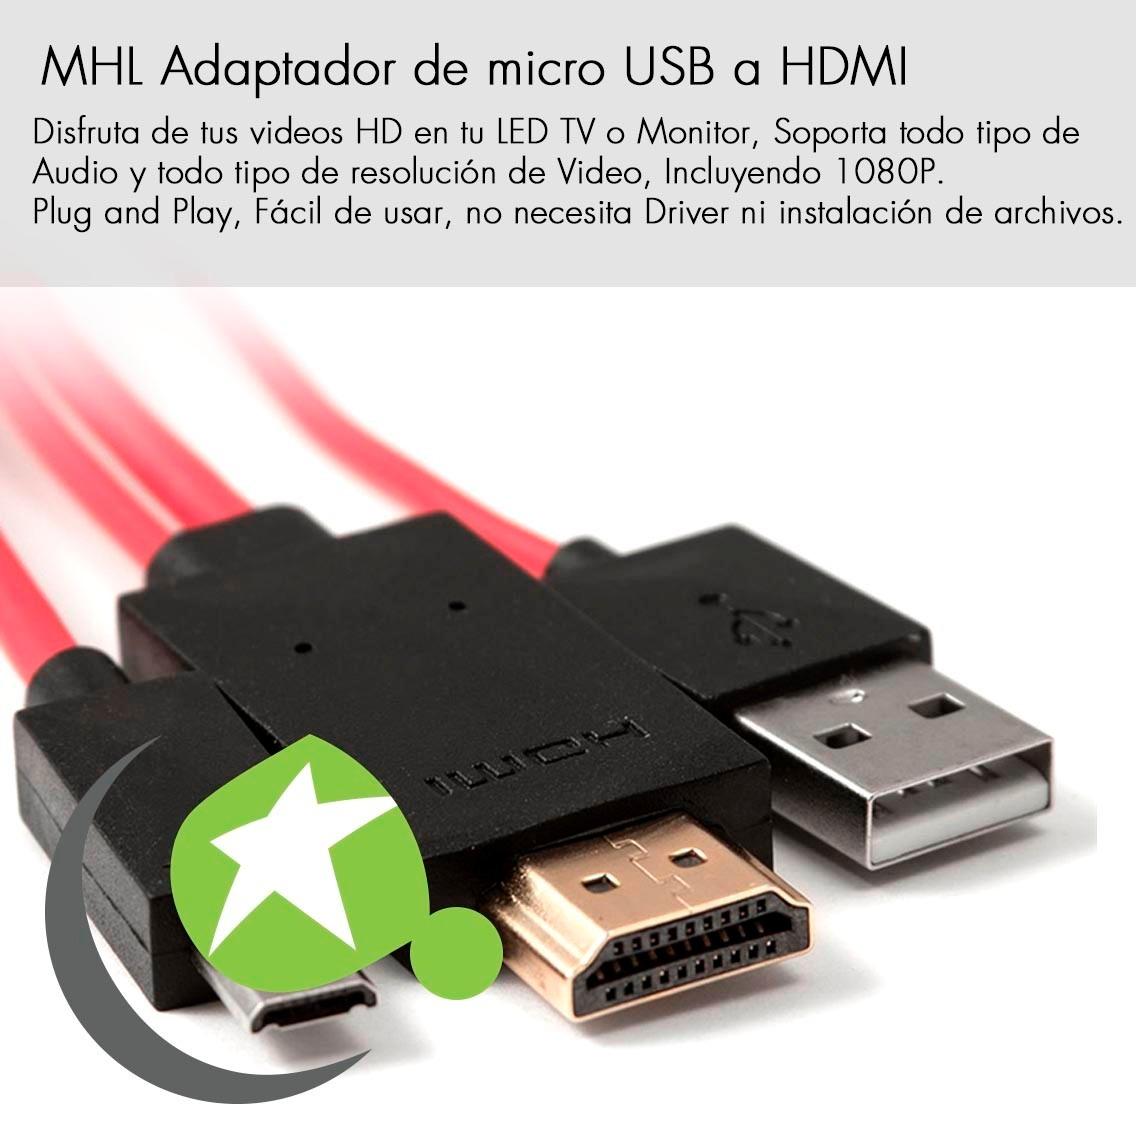 Mhl Adaptador Micro Usb Hdmi Sony Xperia Z1 Compact Ultra